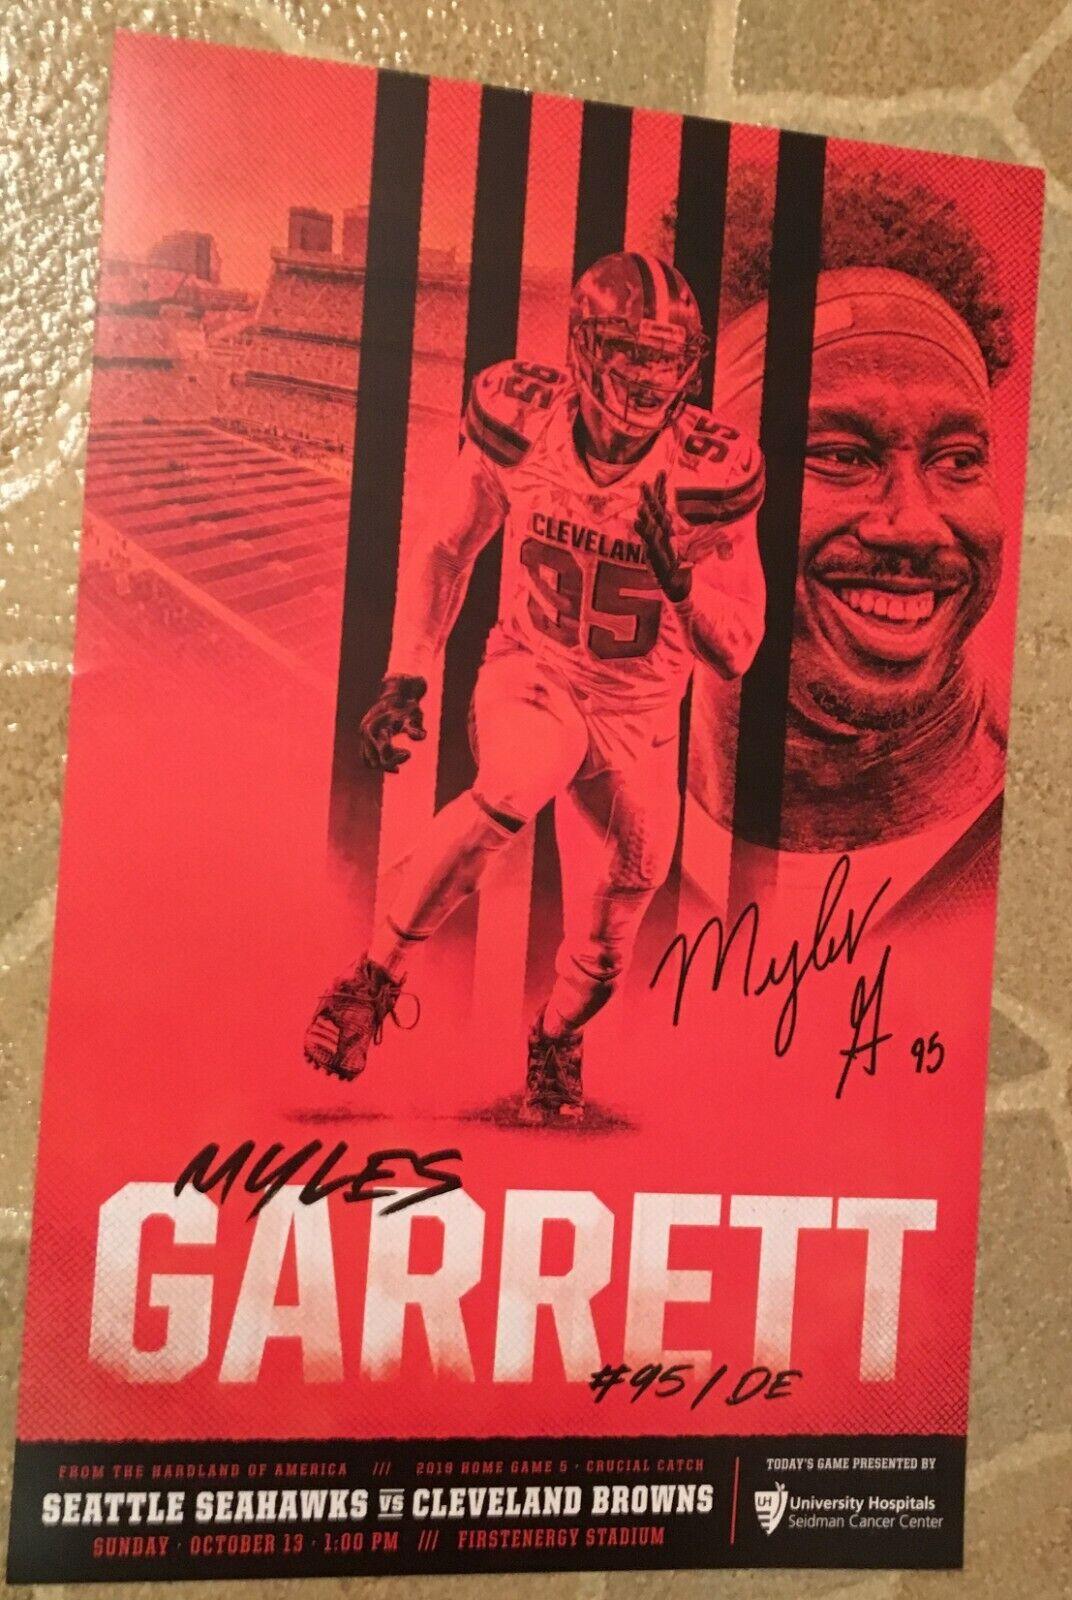 Myles Garrett 95 Poster 2019 Cleveland Browns Gameday Poster Sportscards Com